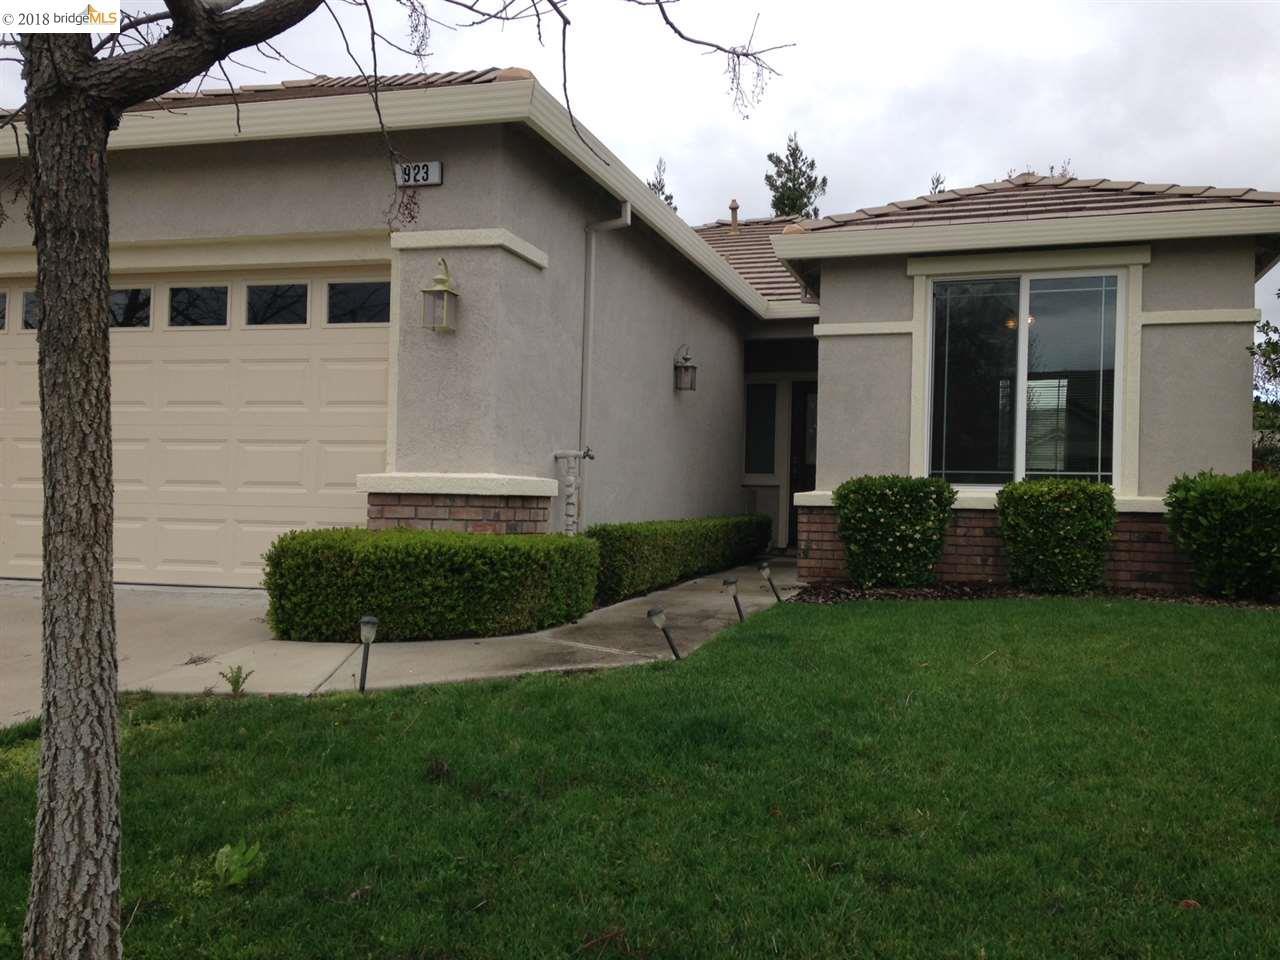 Casa Unifamiliar por un Alquiler en 923 Centennial Drive 923 Centennial Drive Brentwood, California 94513 Estados Unidos